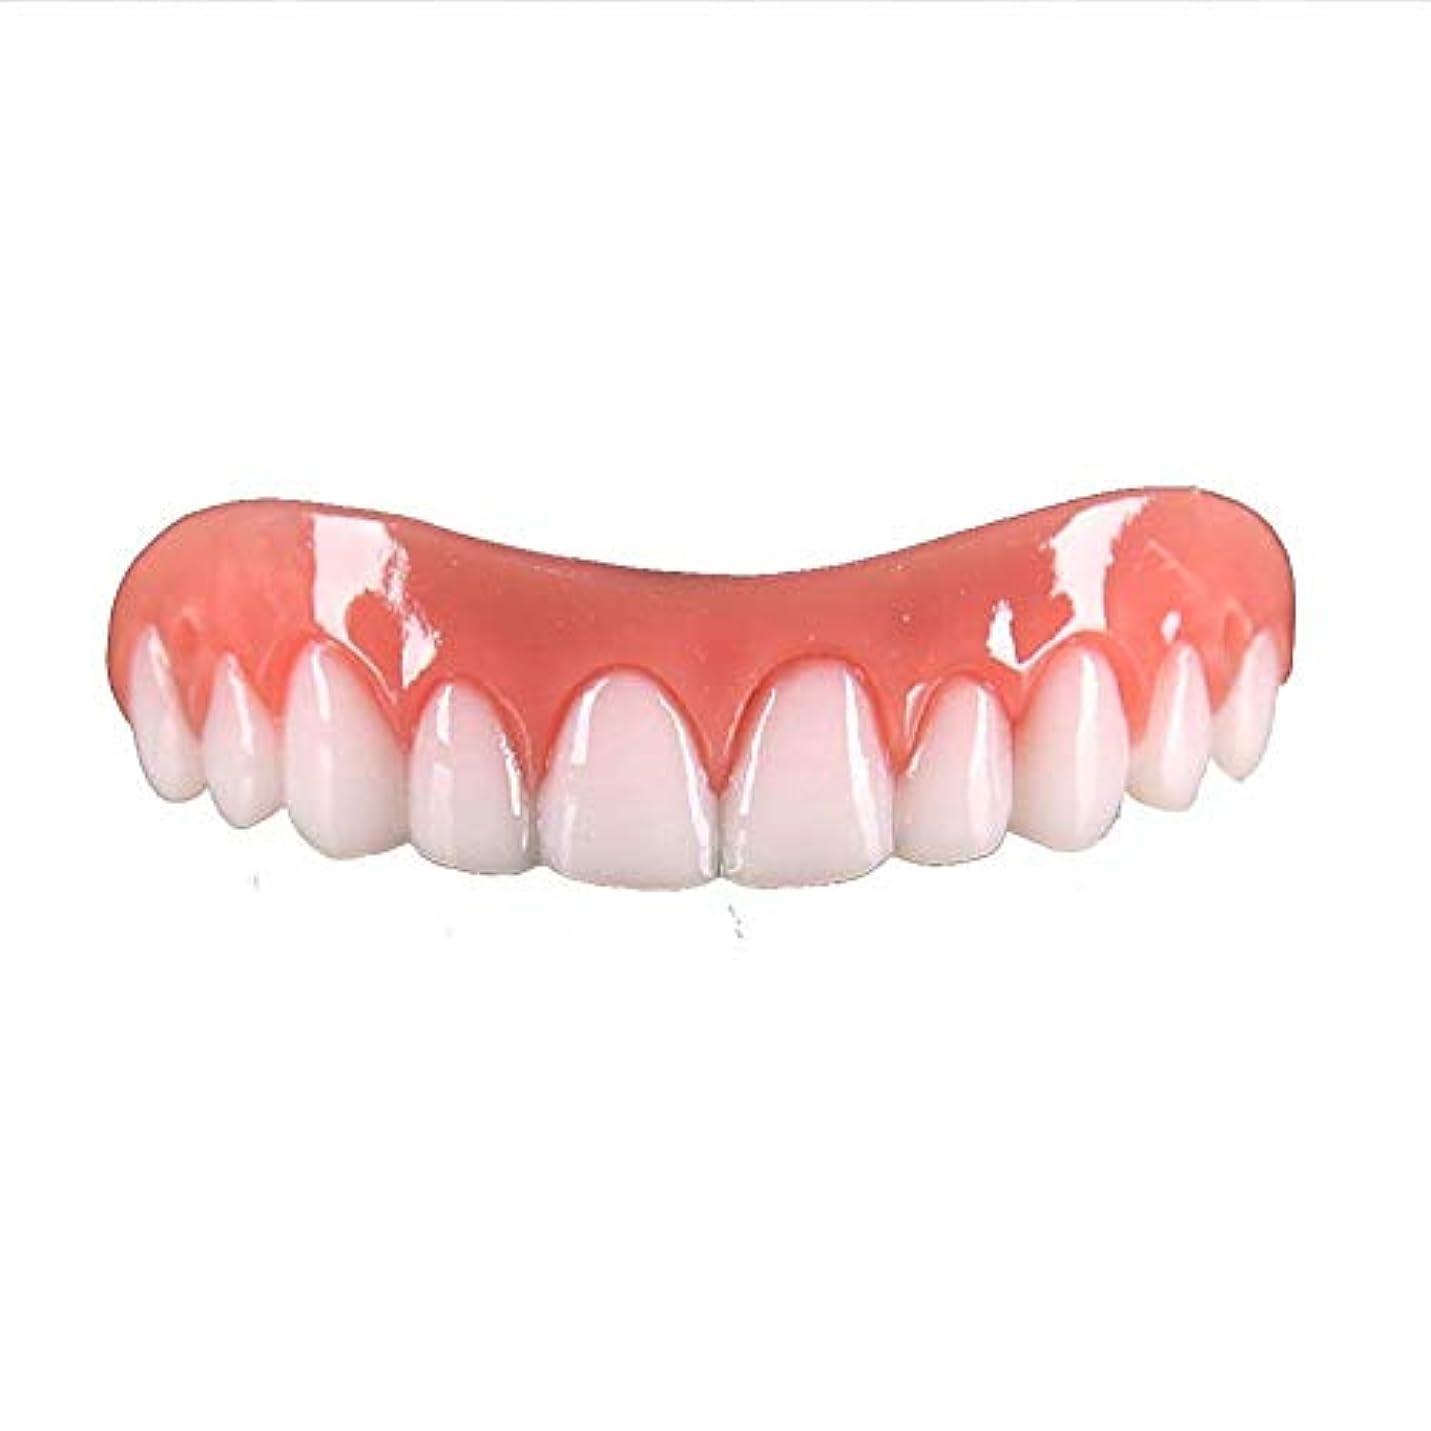 に対処する残基舗装する上段ホワイトシリカゲルシミュレーション義歯プラスチックパーフェクトフィットスナップオンスマイル義歯歯セット